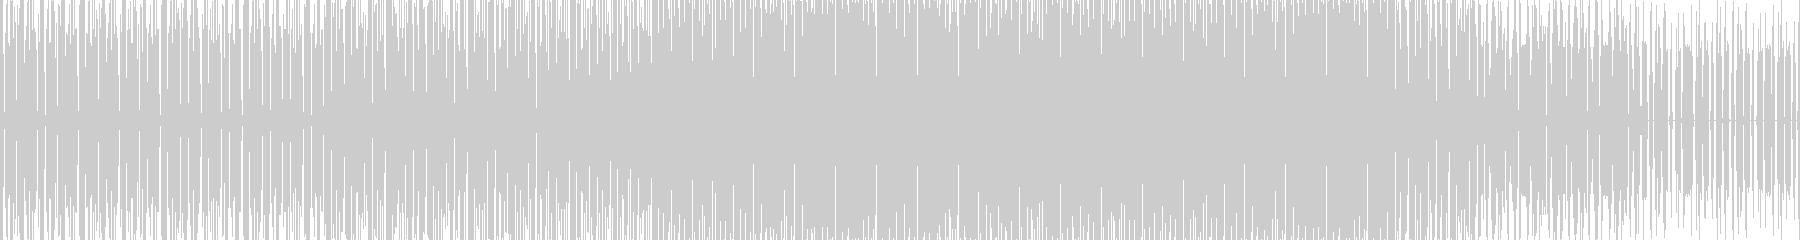 ループ-退廃的-近未来-エレクトロニカの未再生の波形